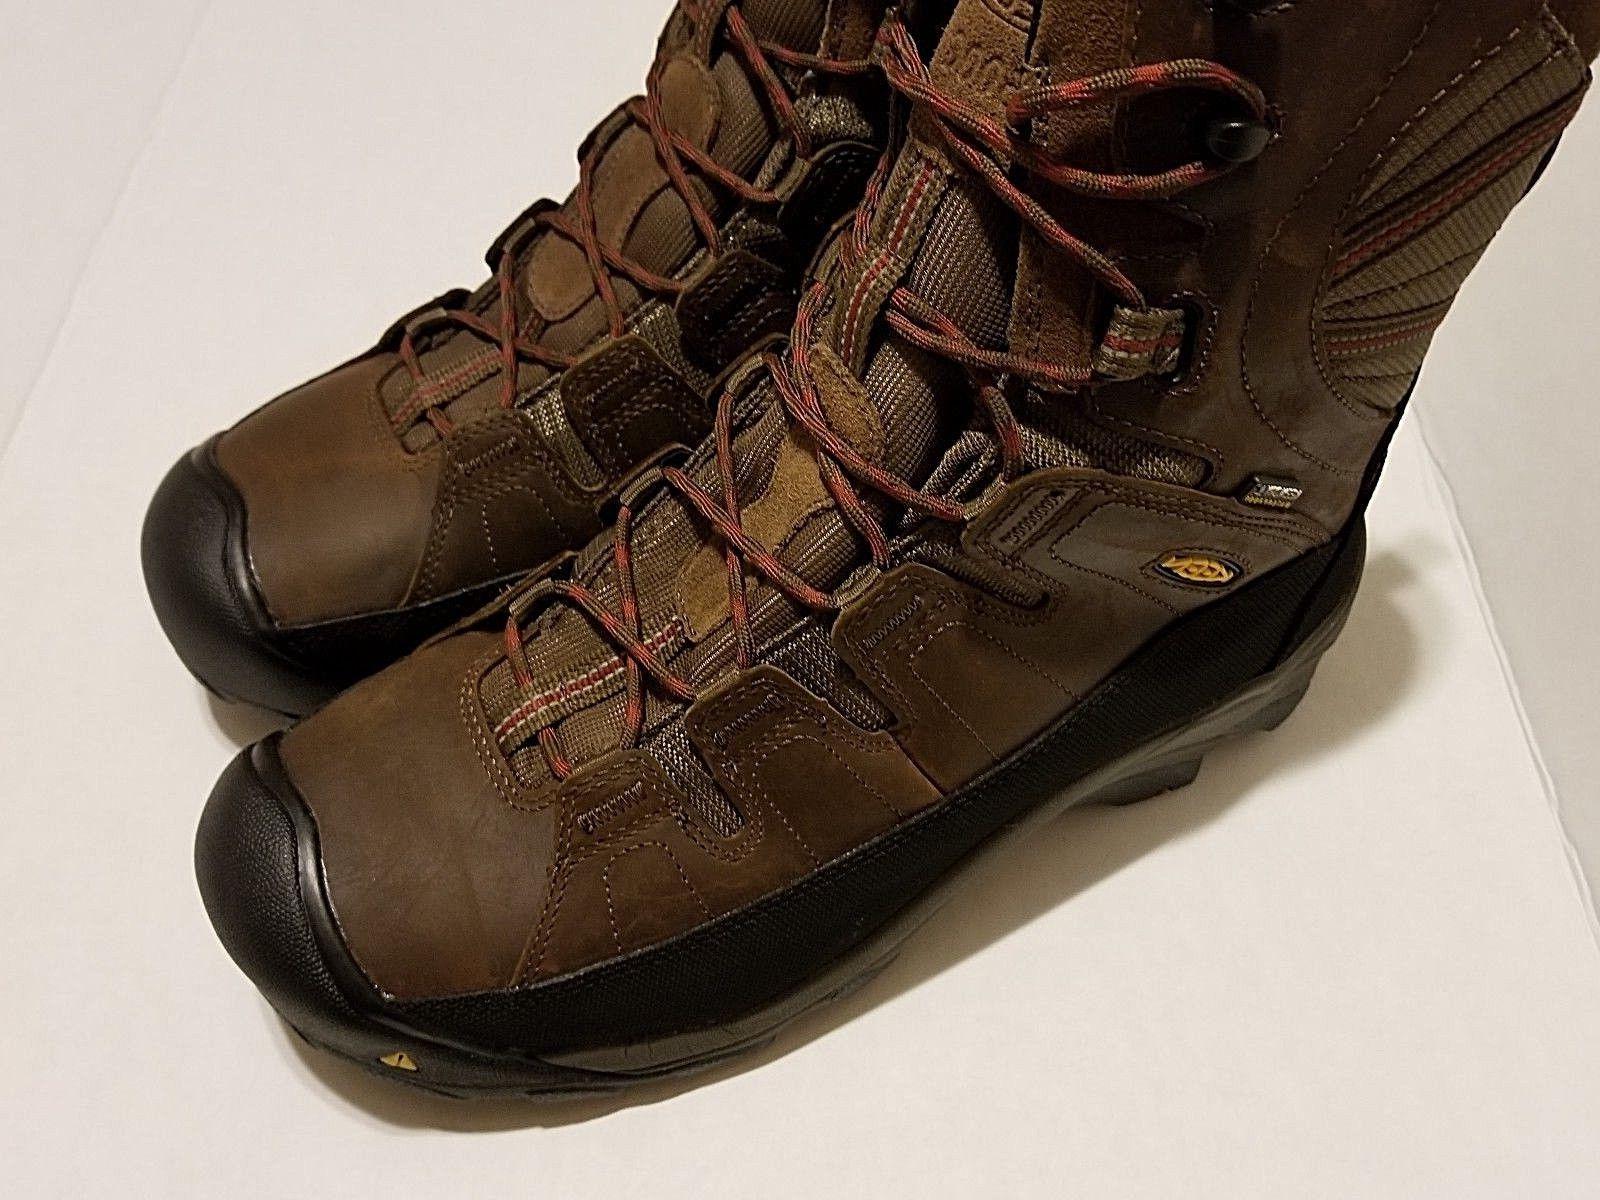 KEEN Utility Cascade Brown Work Boots MEN'S